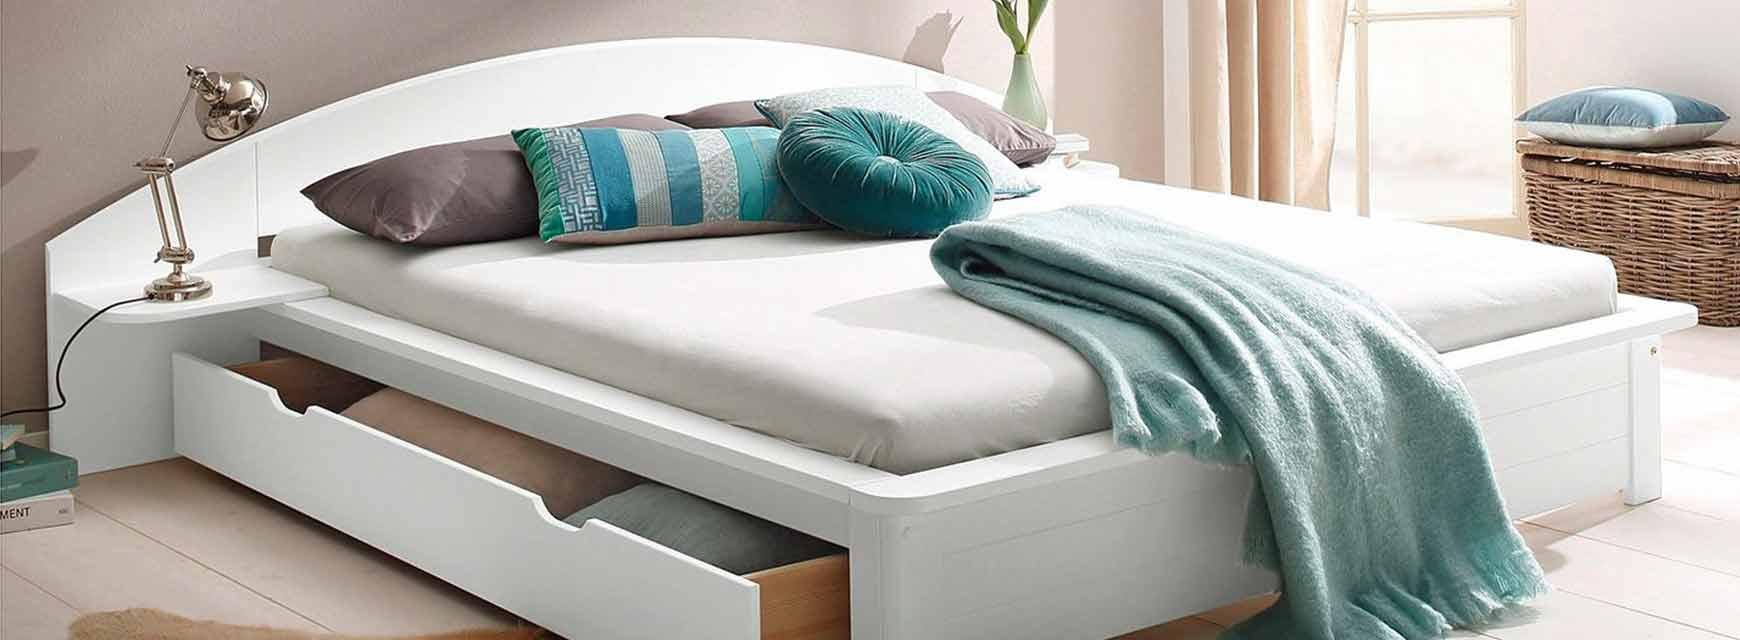 Full Size of Bett Landhausstil Landhaus Online Kaufen Naturloftde Betten 140x200 180x200 Günstig Günstige 200x200 Mit Matratze Ebay Konfigurieren Ausziehbar Leander Bett Bett 1.40